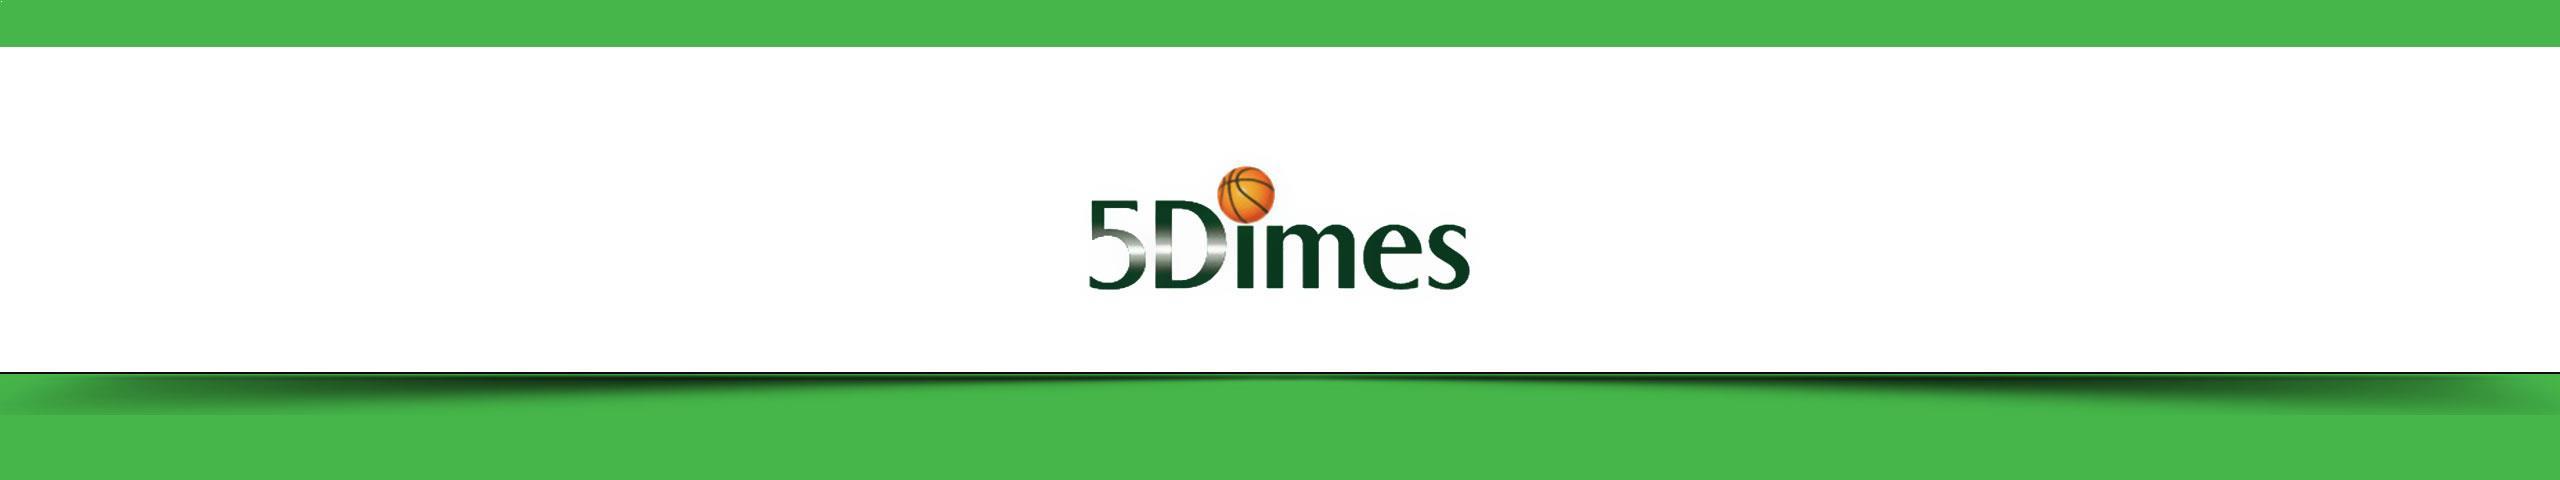 Vizualizarea Cazinoului 5Dimes - Multabafta.com Slider